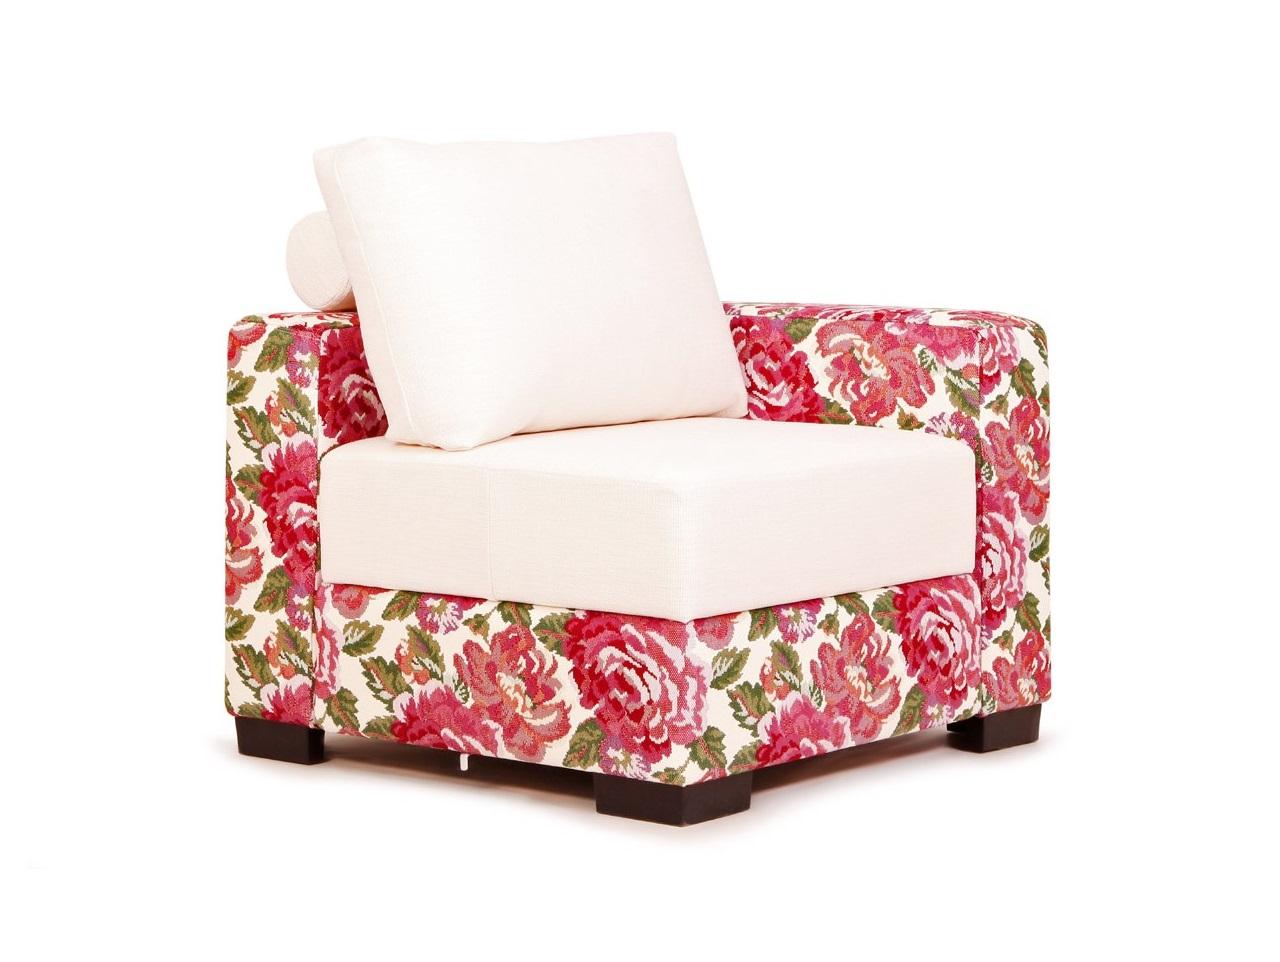 Кресло СофияИнтерьерные кресла<br>Кресло &amp;quot;София&amp;quot; - это уникальная модель, сочетающая в себе весь набор функций, необходимых для современной квартиры! Благодаря изысканному дизайну кресло прекрасно впишется в любой интерьер и станет его изюминкой. Комфортное и удобное кресло на каждый день. Кресло отличается легким дизайном, невероятным комфортом, оригинальностью форм. Будет прекрасным дополнением к прямому дивану &amp;quot;София&amp;quot;.&amp;amp;nbsp;&amp;lt;div&amp;gt;&amp;lt;br&amp;gt;&amp;lt;/div&amp;gt;&amp;lt;div&amp;gt;&amp;lt;div&amp;gt;В конструкции каркаса используются: шлифованная фанера, строганный брус хвойных пород, ДСП ламинированная.&amp;lt;/div&amp;gt;&amp;lt;div&amp;gt;Мягкий настил включает в себя:на спинке - высокоэластичные ППУ, синтепон; на сидении - двухслойный пакет из ППУ, повышенной долговечности, лежащий на переплетенных эластичных ремнях, синтепон.&amp;lt;/div&amp;gt;&amp;lt;/div&amp;gt;&amp;lt;div&amp;gt;Большой выбор обивочных тканей (подробности уточняйте у менеджера).&amp;lt;/div&amp;gt;<br><br>Material: Текстиль<br>Ширина см: 90.0<br>Высота см: 90.0<br>Глубина см: 90.0